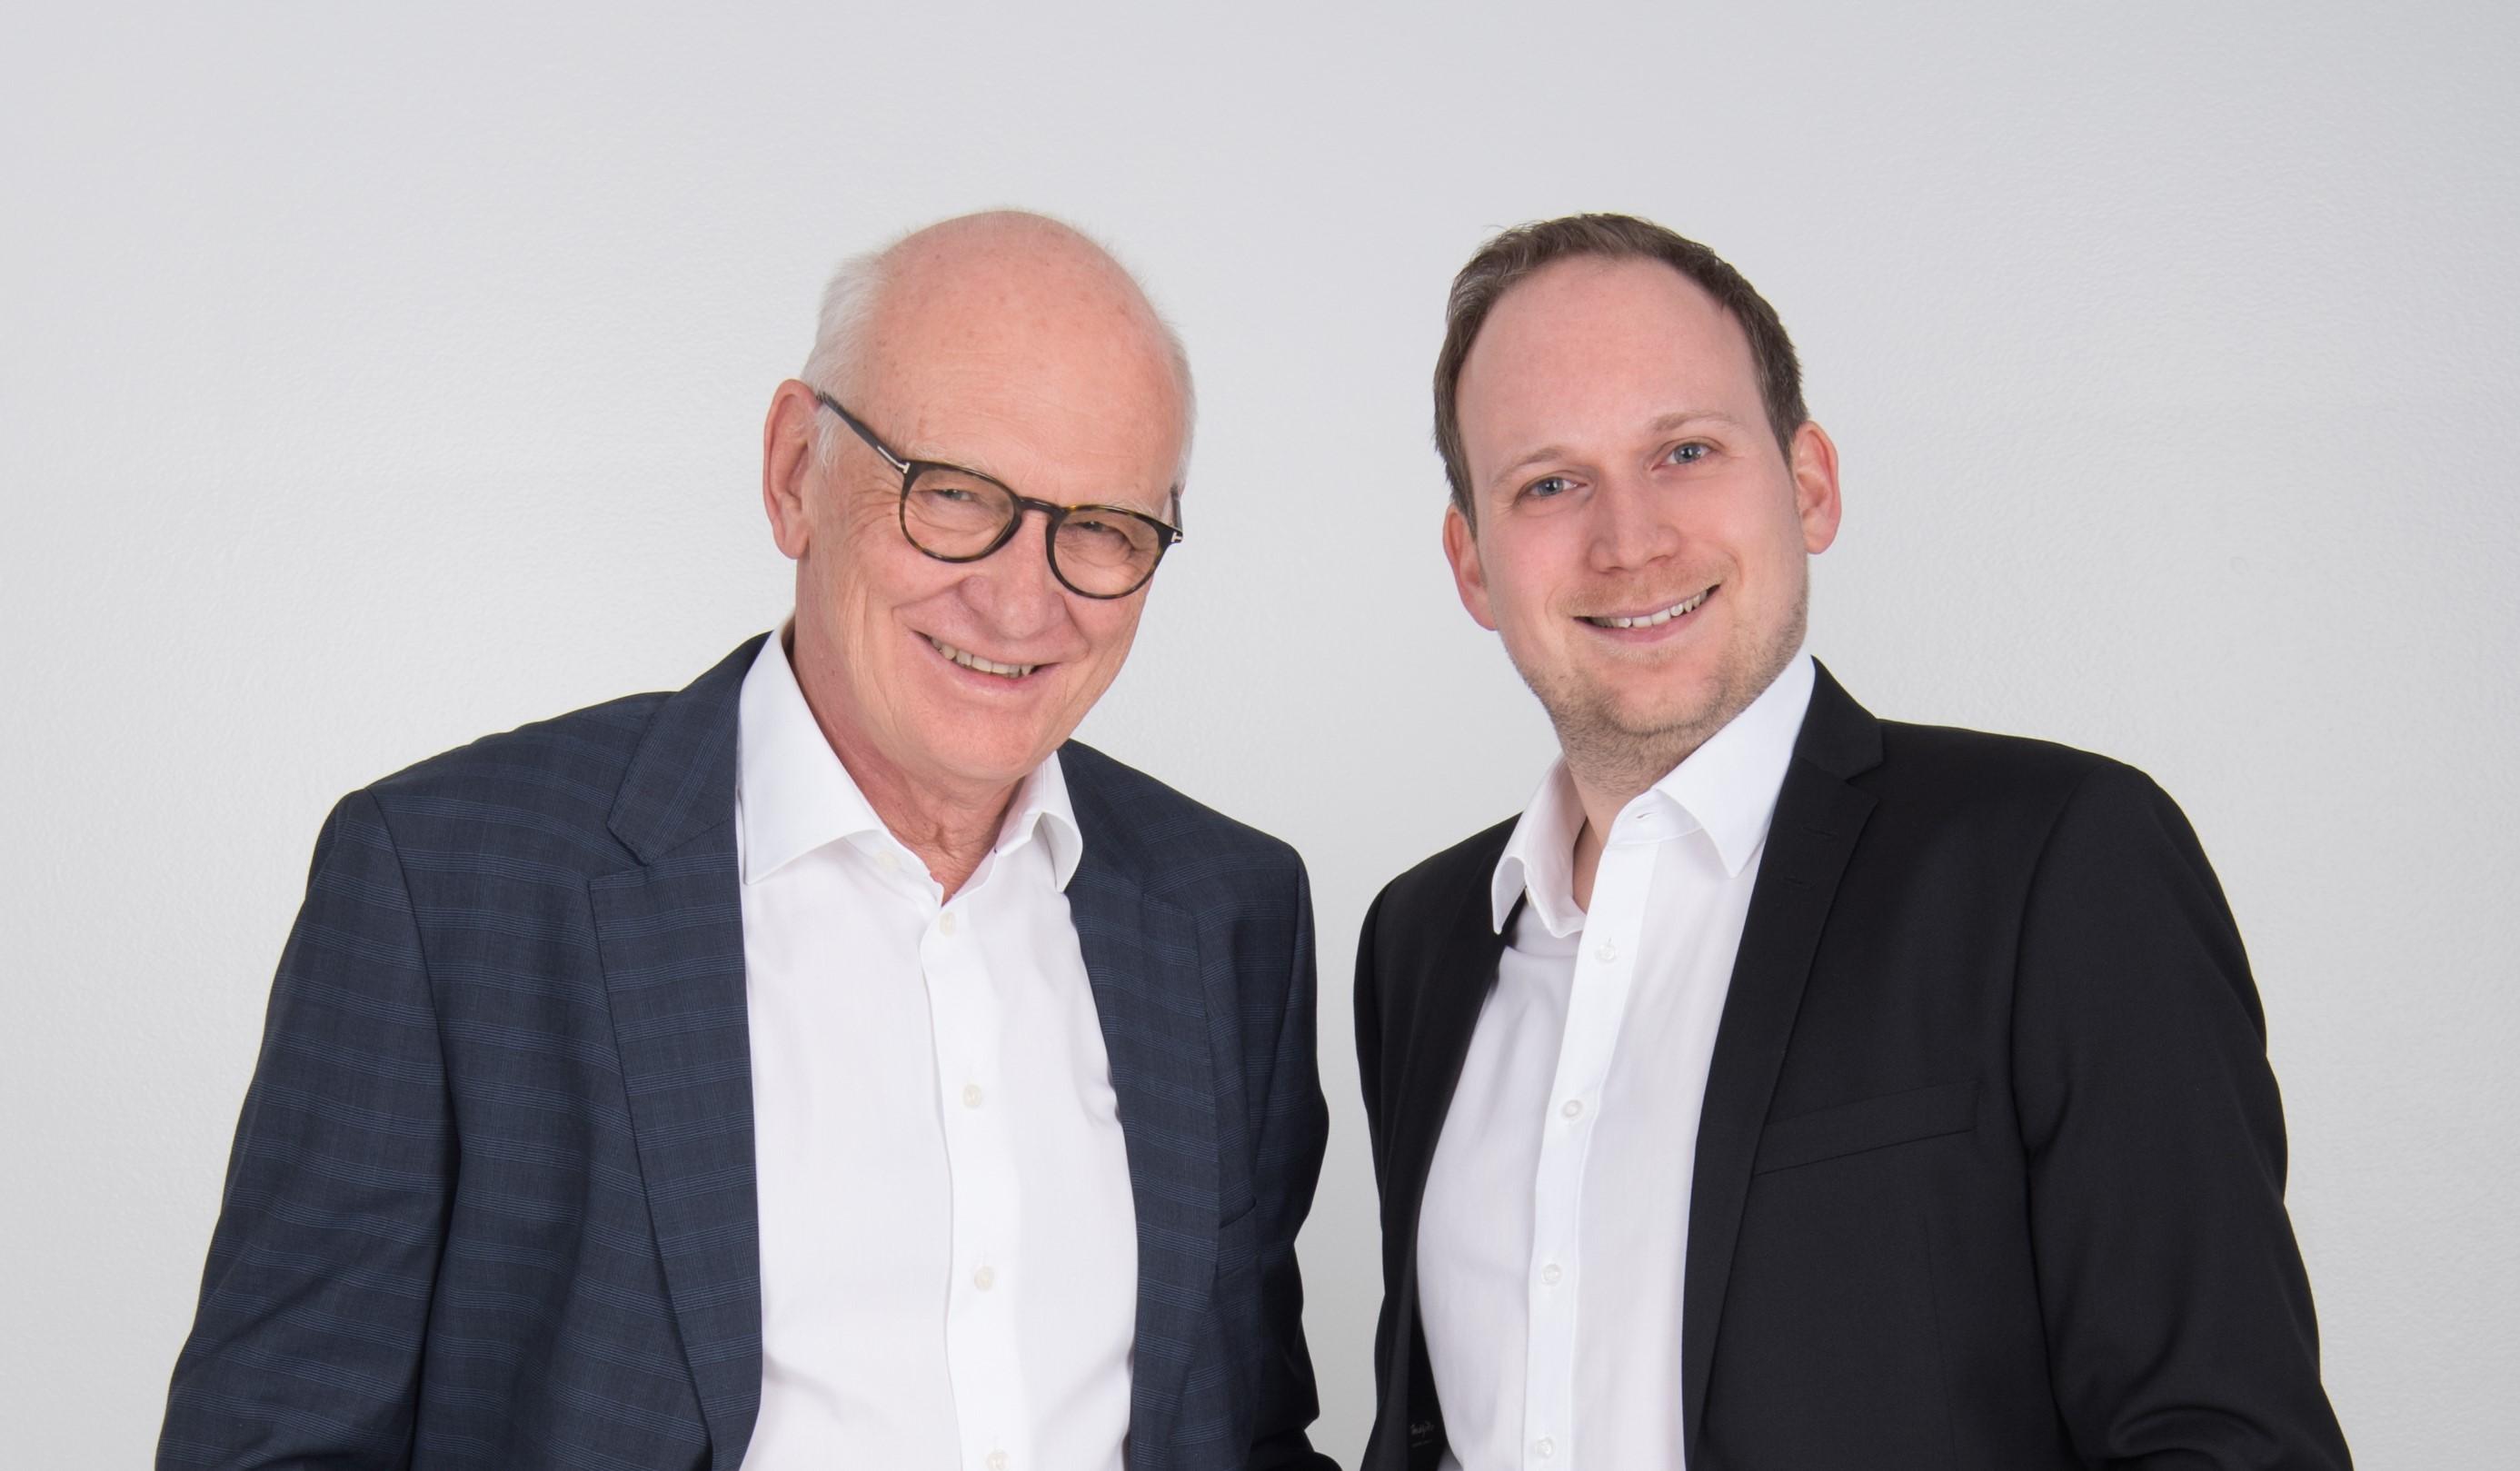 Wolfgang Dietzler und Björn Dietzler, Geschäftsführer bei ECS GmbH